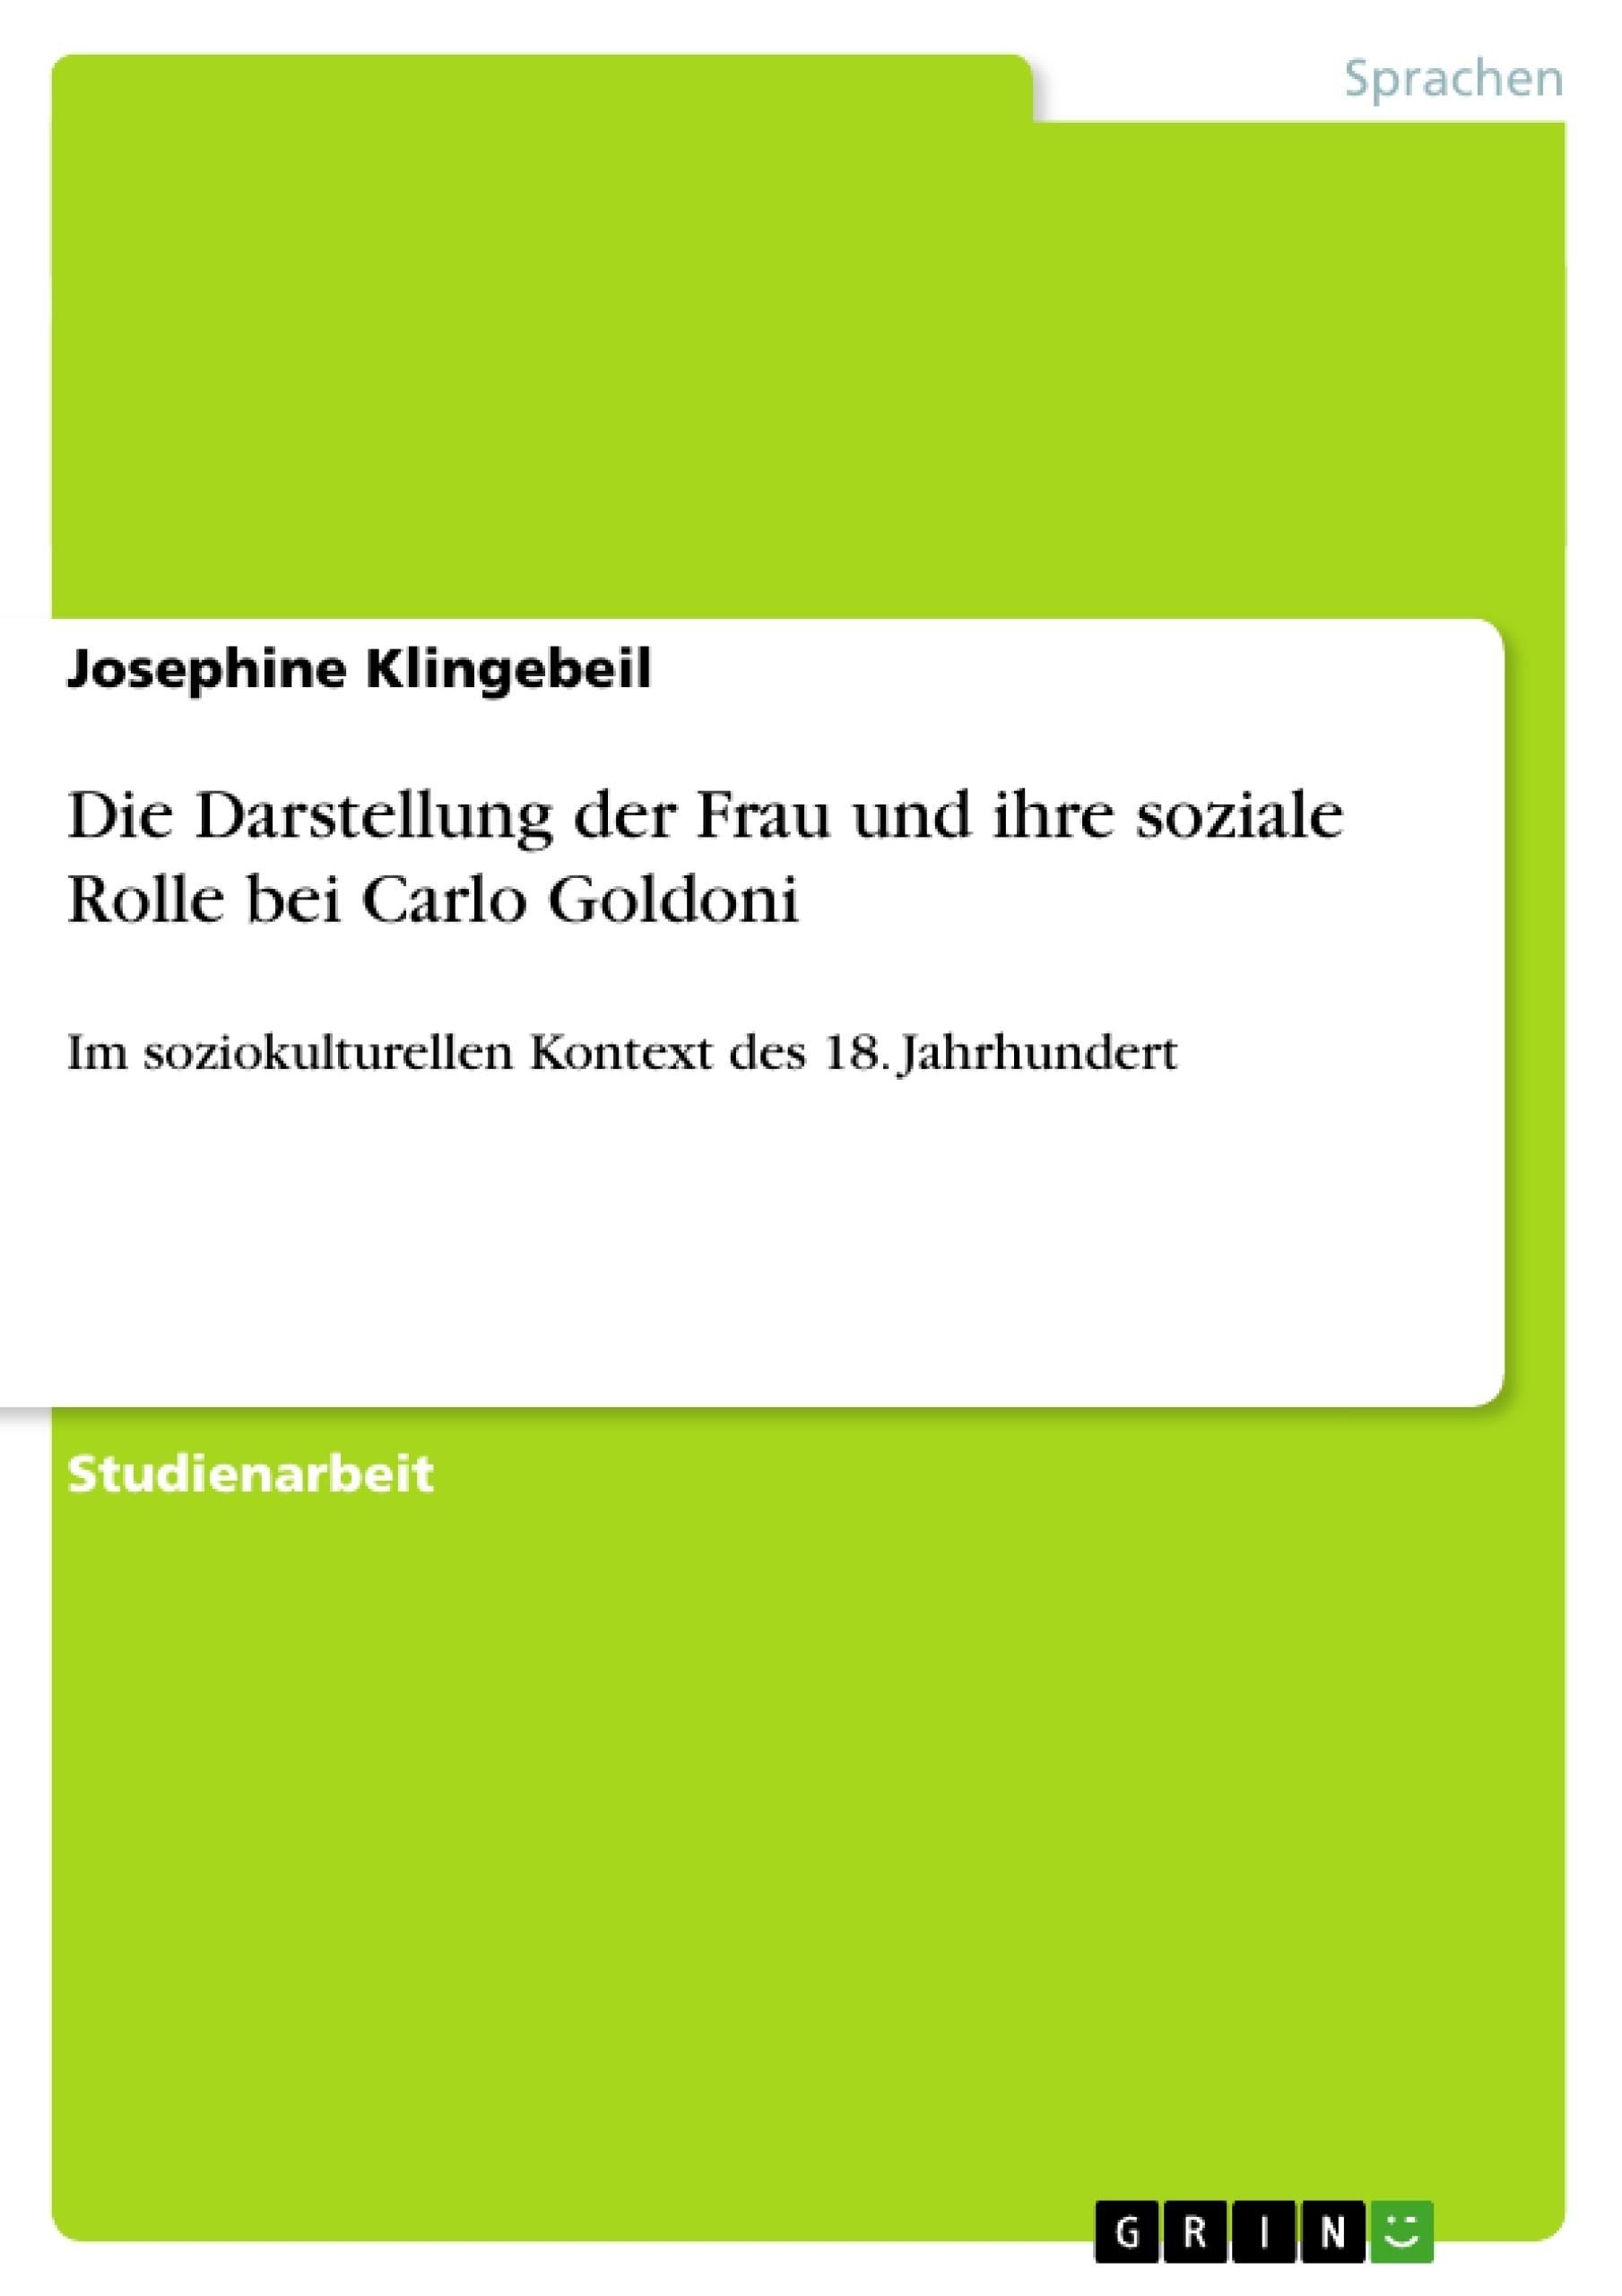 Titel: Die Darstellung der Frau  und ihre soziale Rolle bei Carlo Goldoni